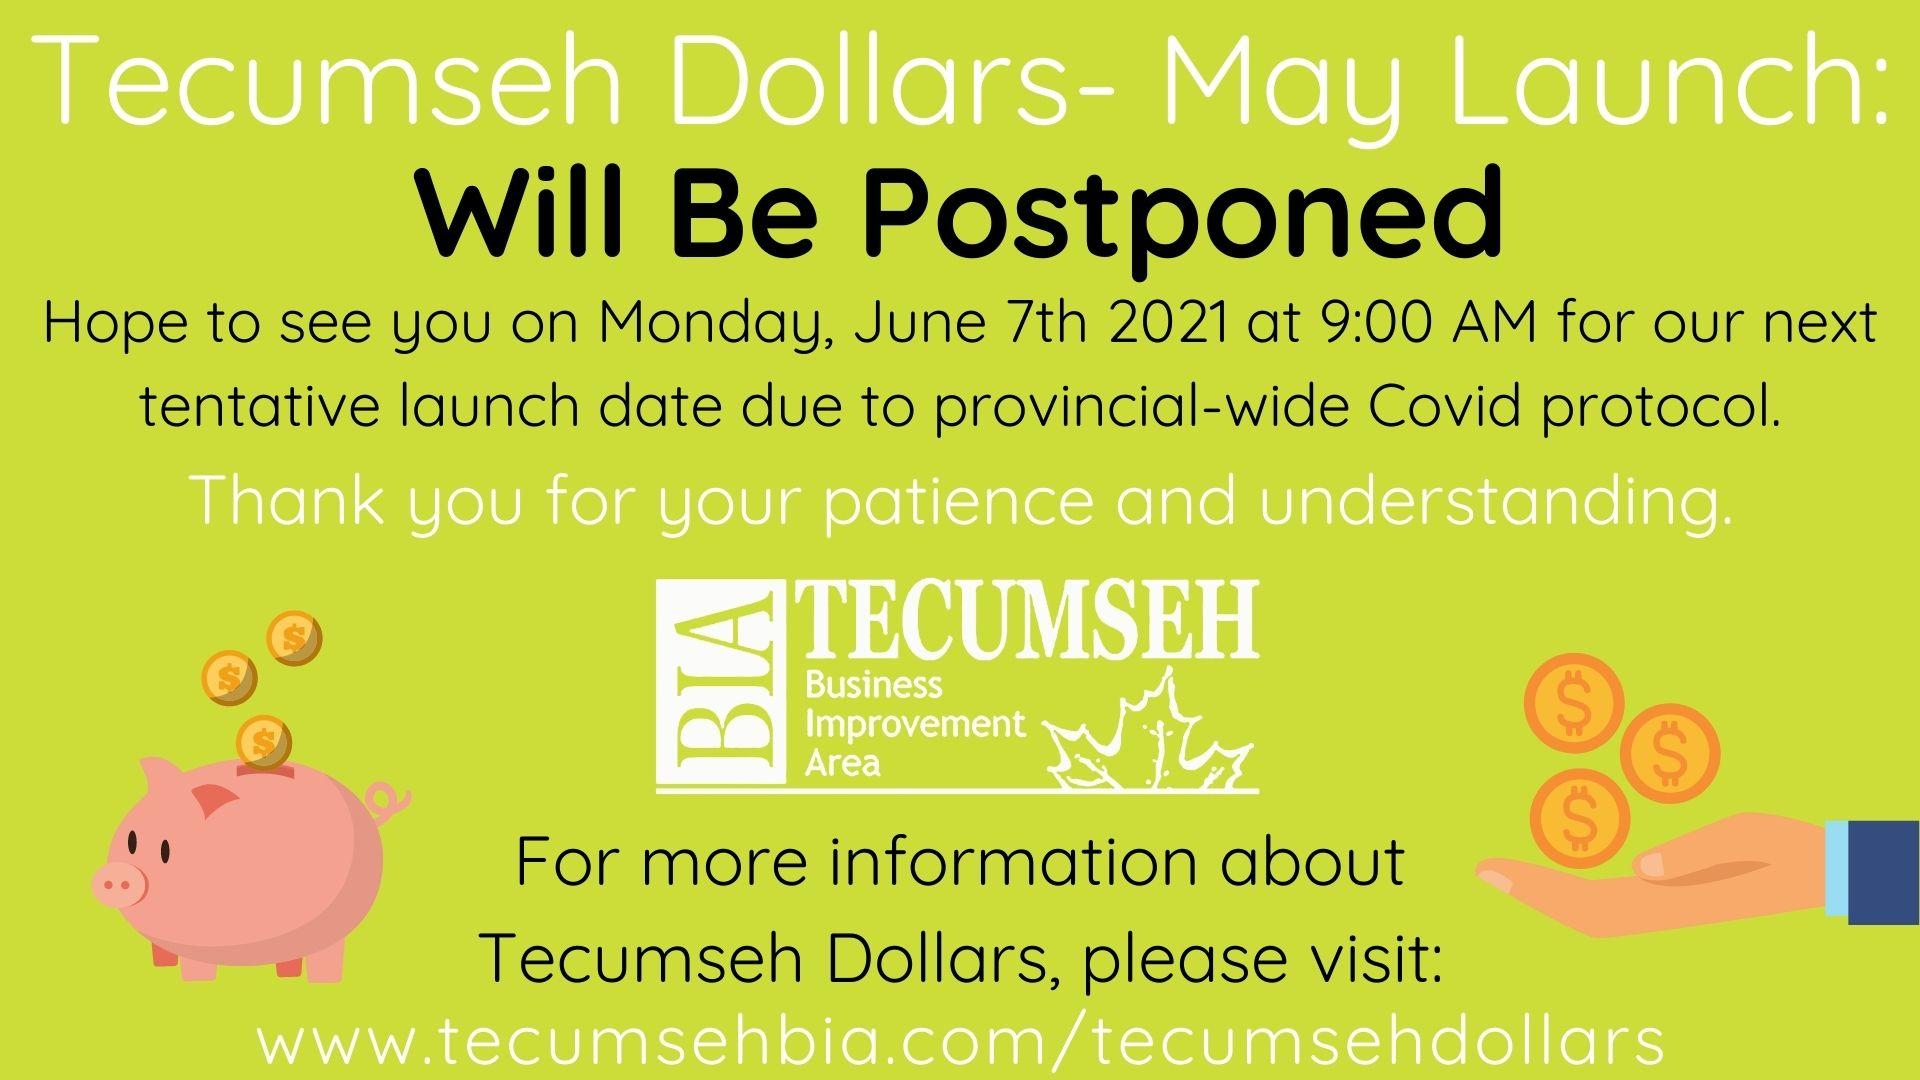 Tecumseh Dollars- Postponed